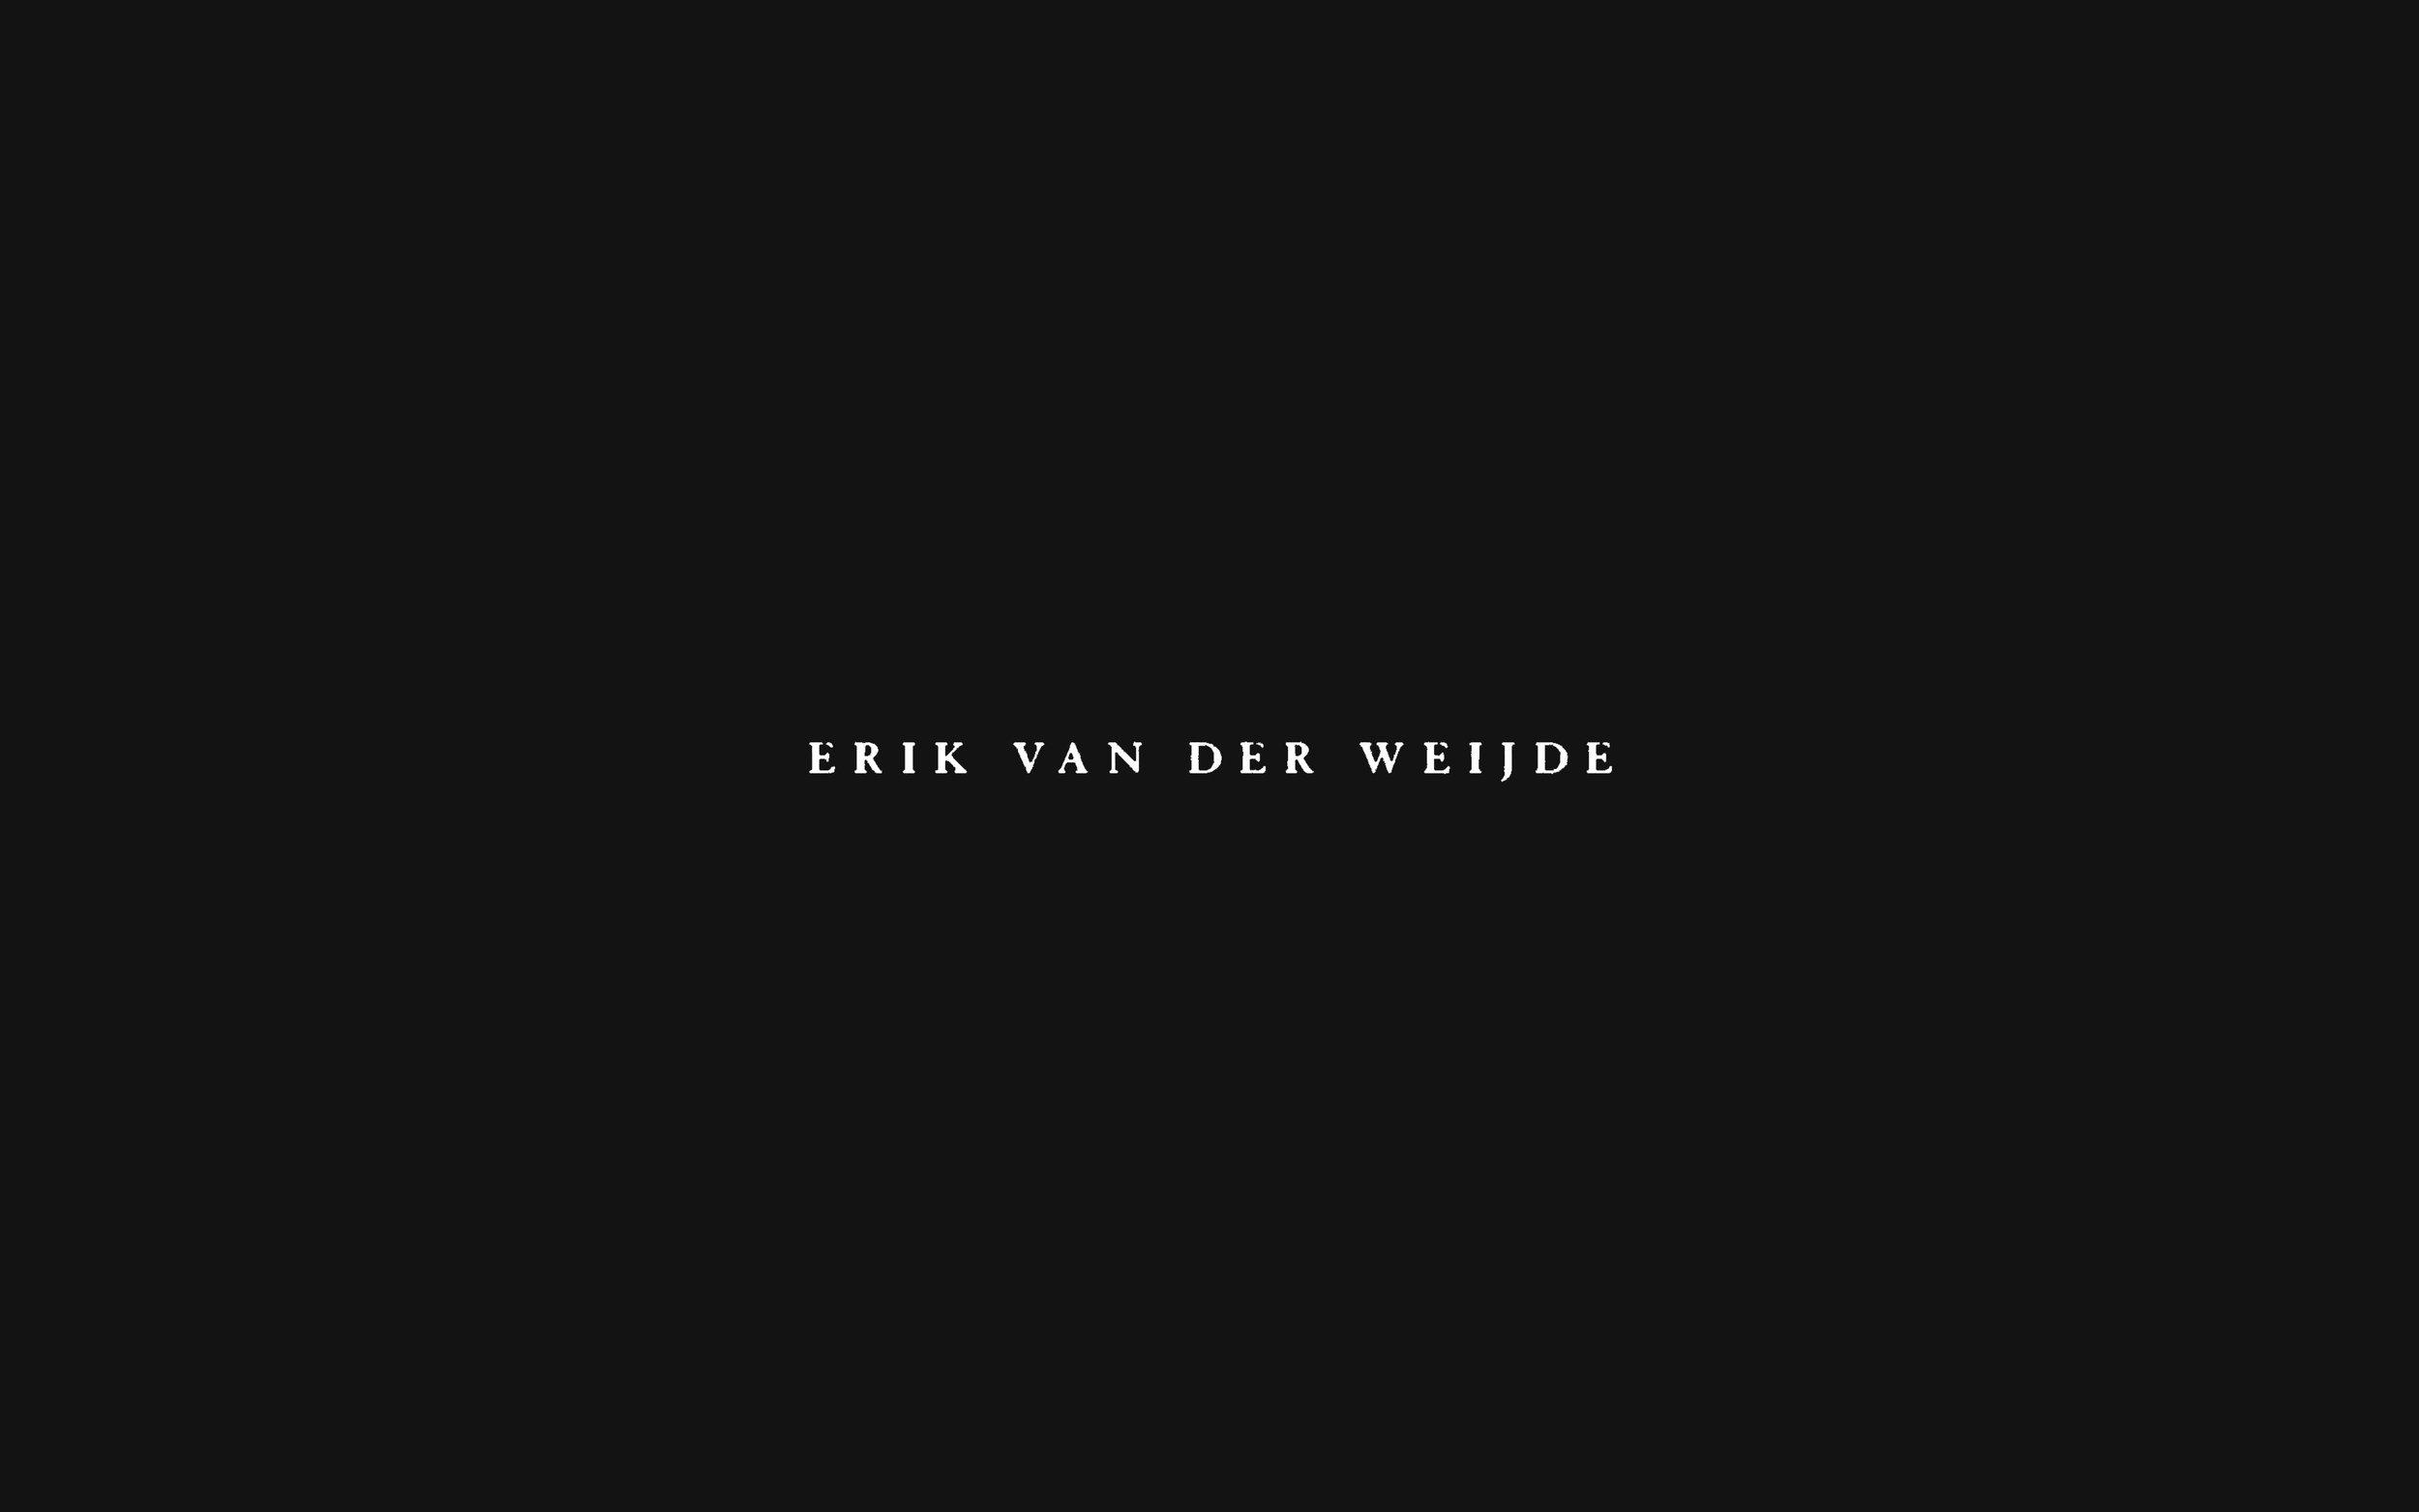 5B__Erik_van_der_Weijde_00.jpg